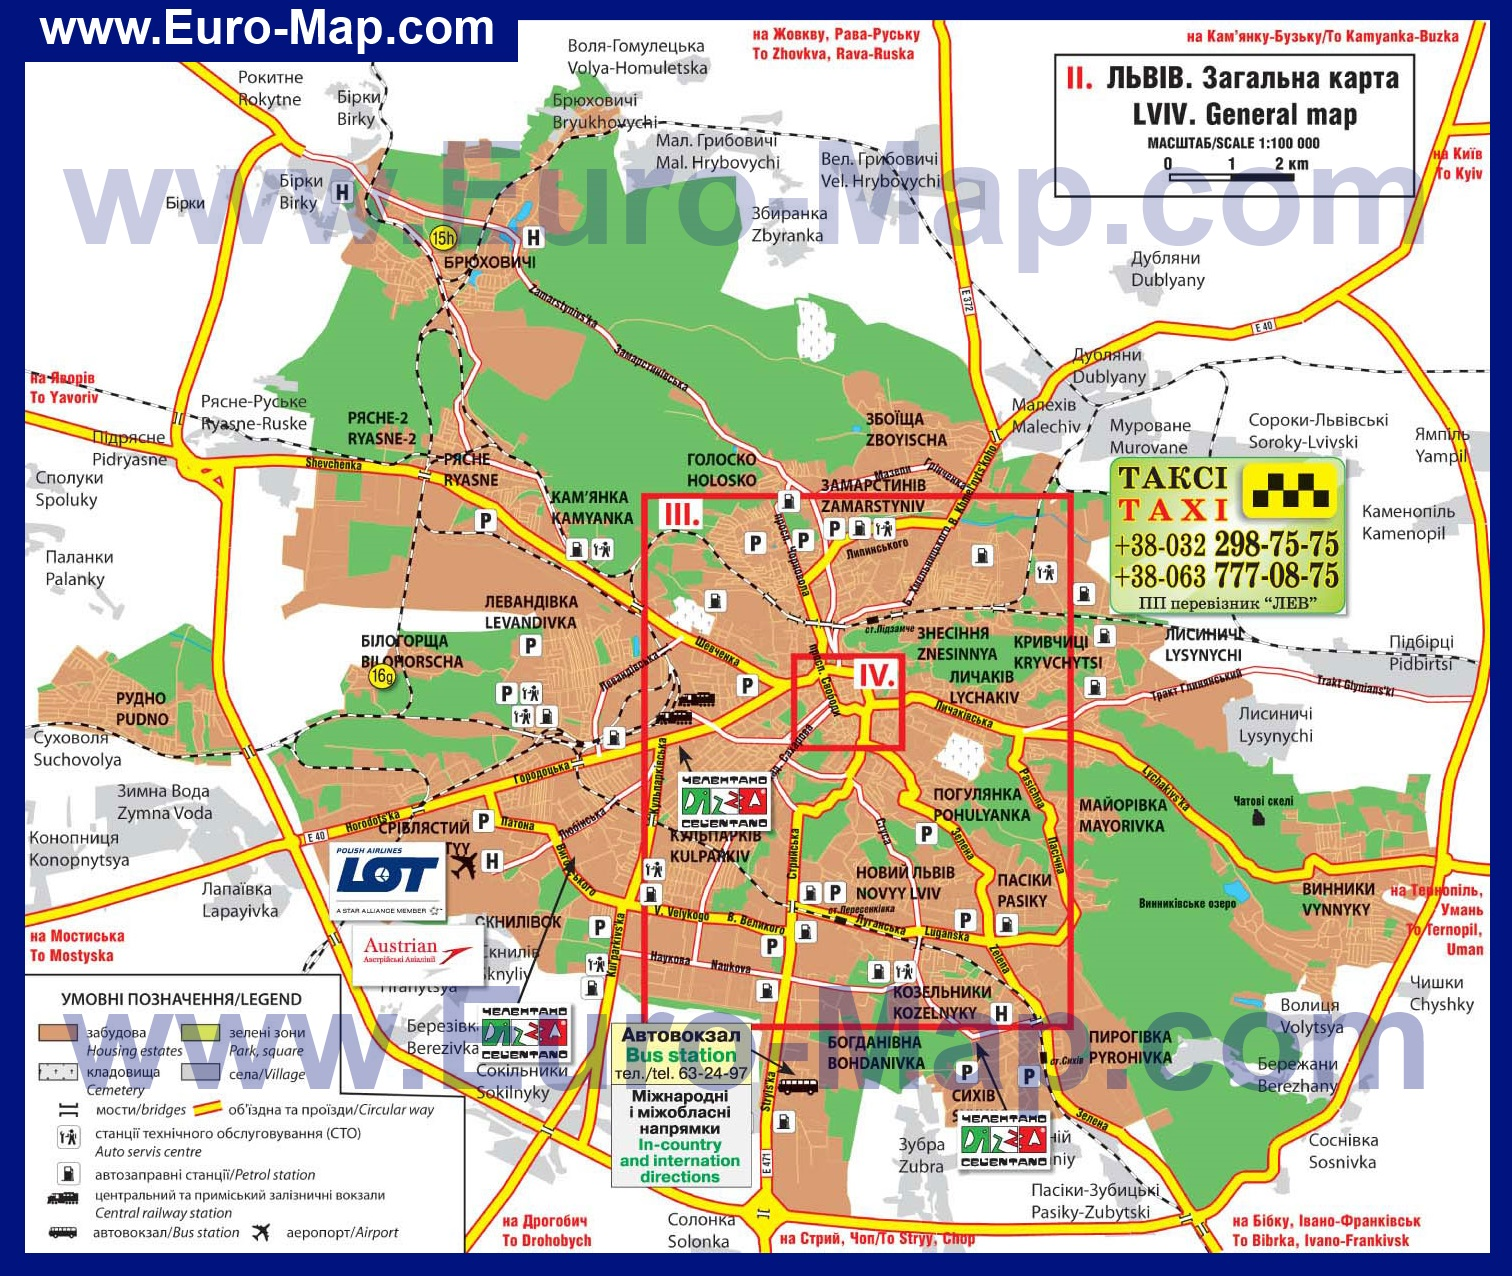 Топографическая Карта Львова.Rar